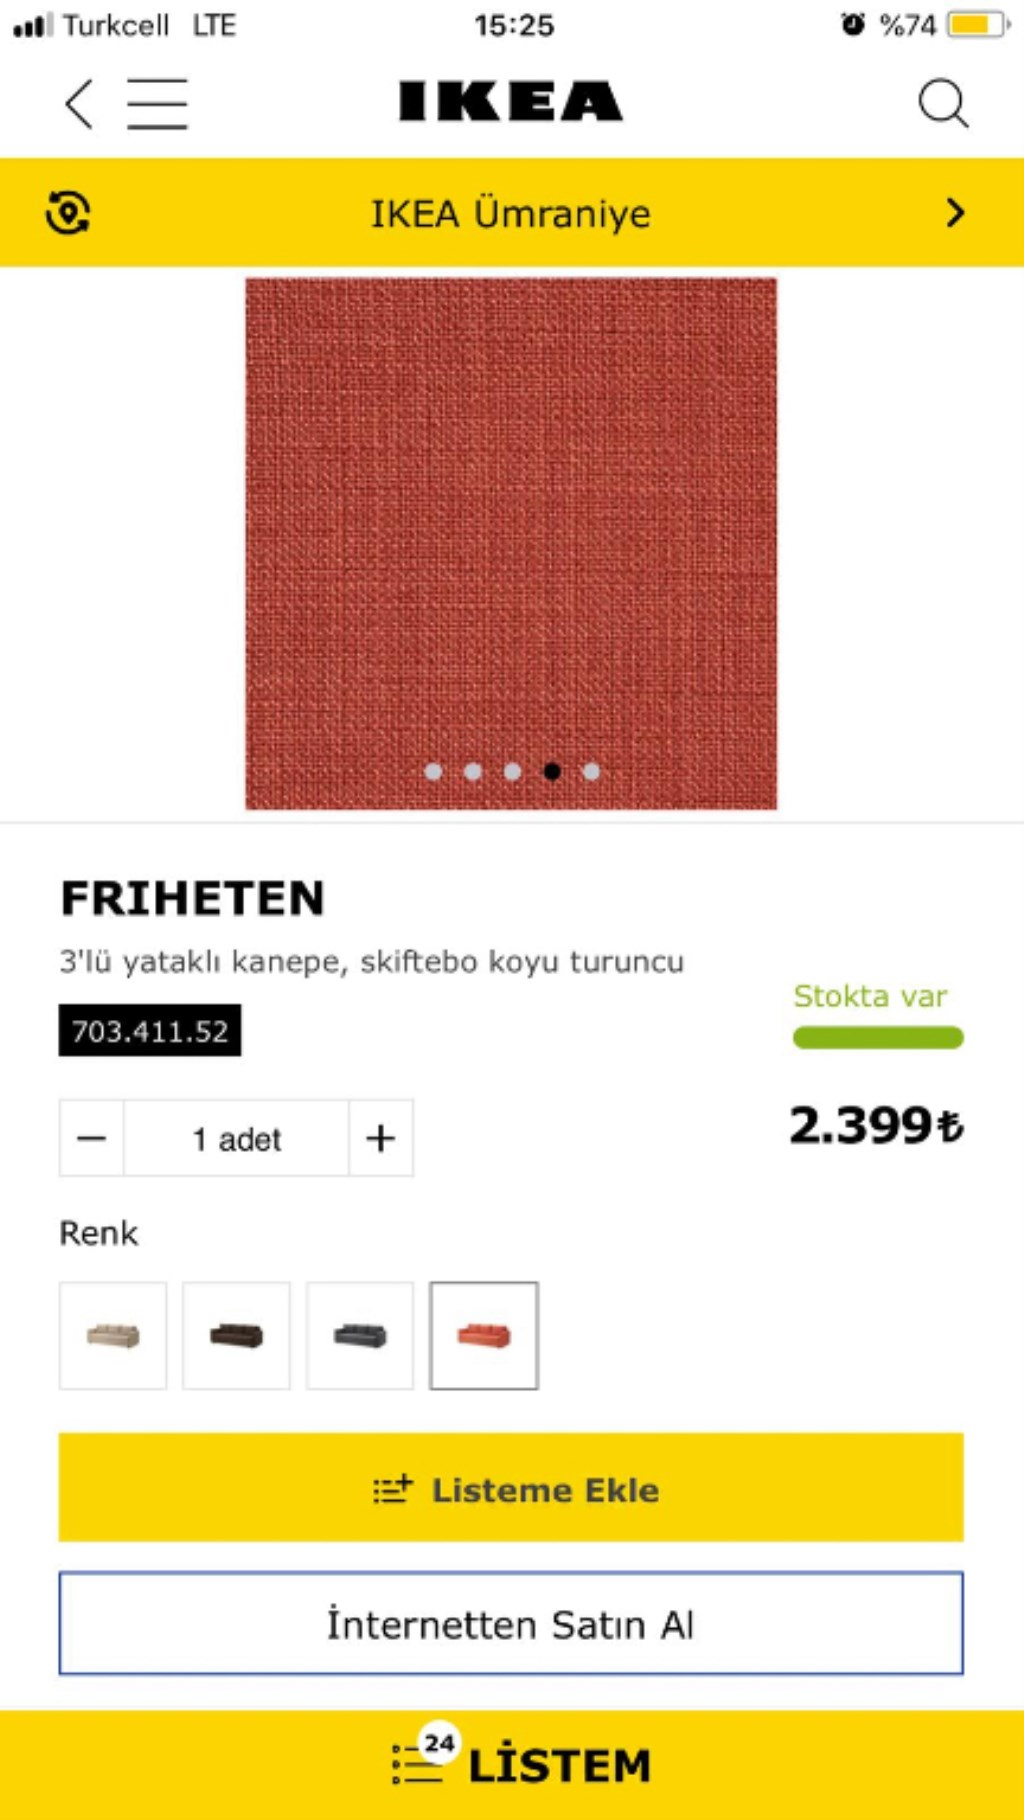 Turuncu Ikea 3'lü yataklı kanepe Modelleri ve Fiyatı ...